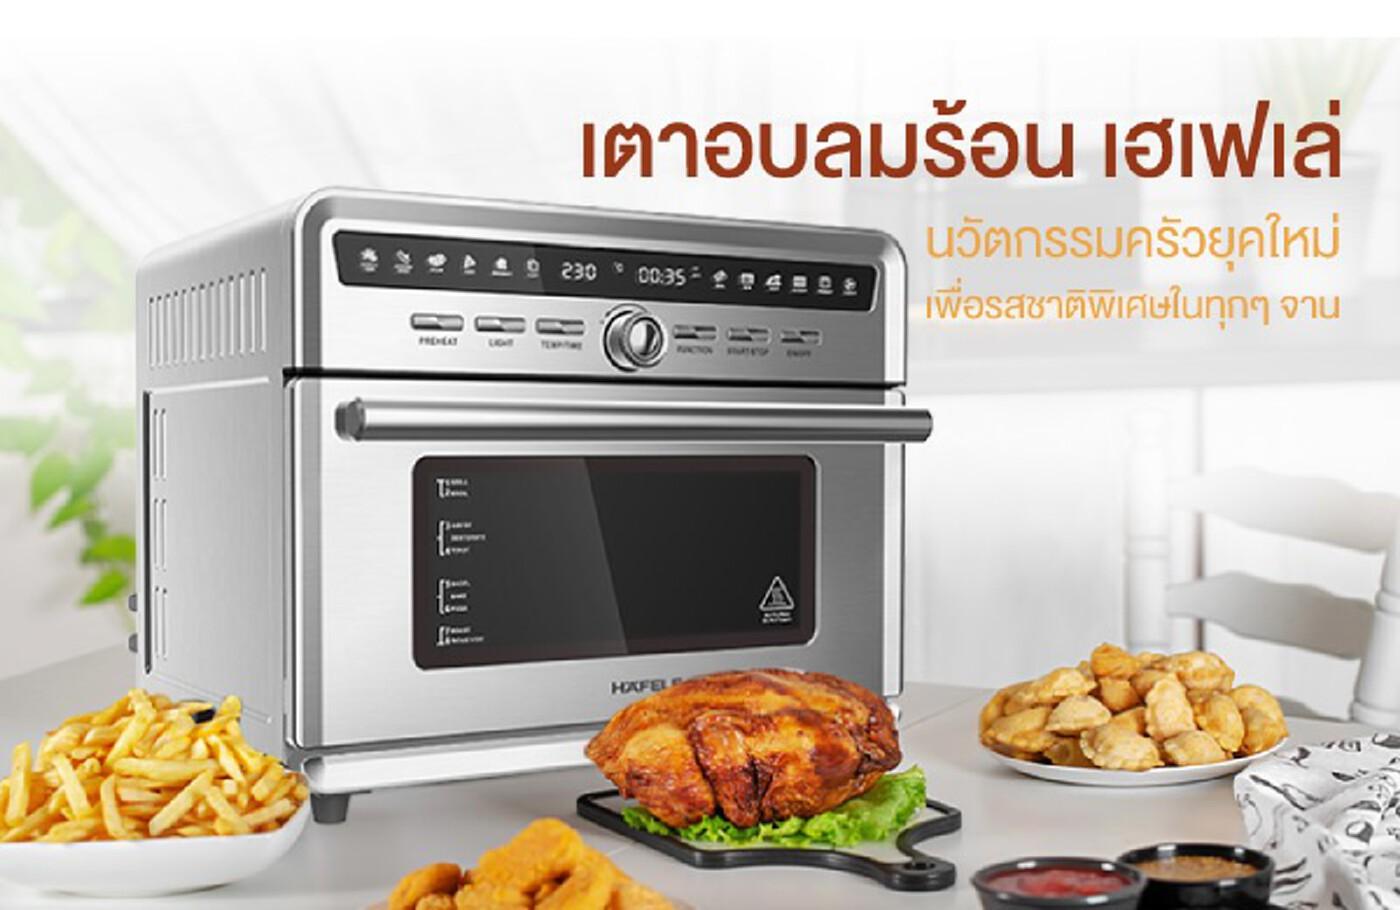 เตาอบลมร้อน เฮเฟเล่ นวัตกรรมครัวยุคใหม่ เพื่อรสชาติพิเศษในทุกจานอาหาร